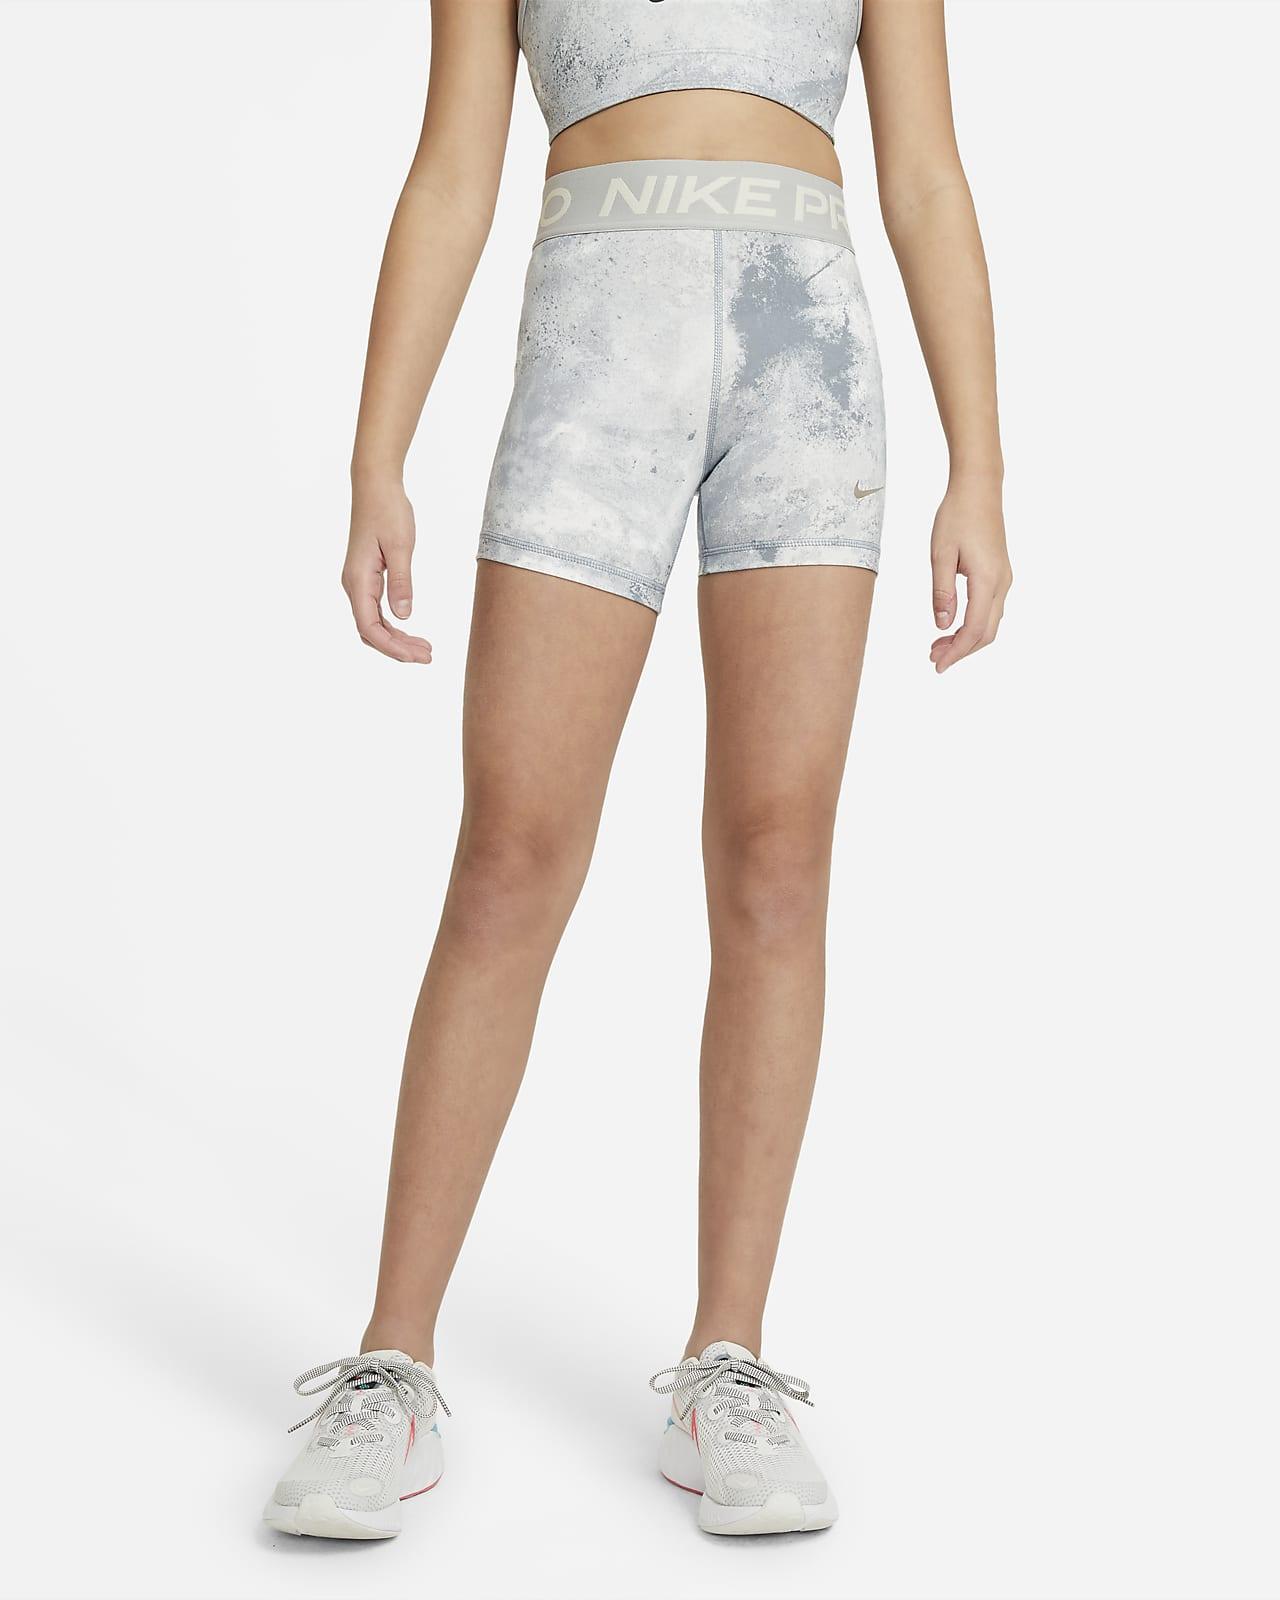 Shorts tie-dye de 7.5 cm para niñas talla grande Nike Pro